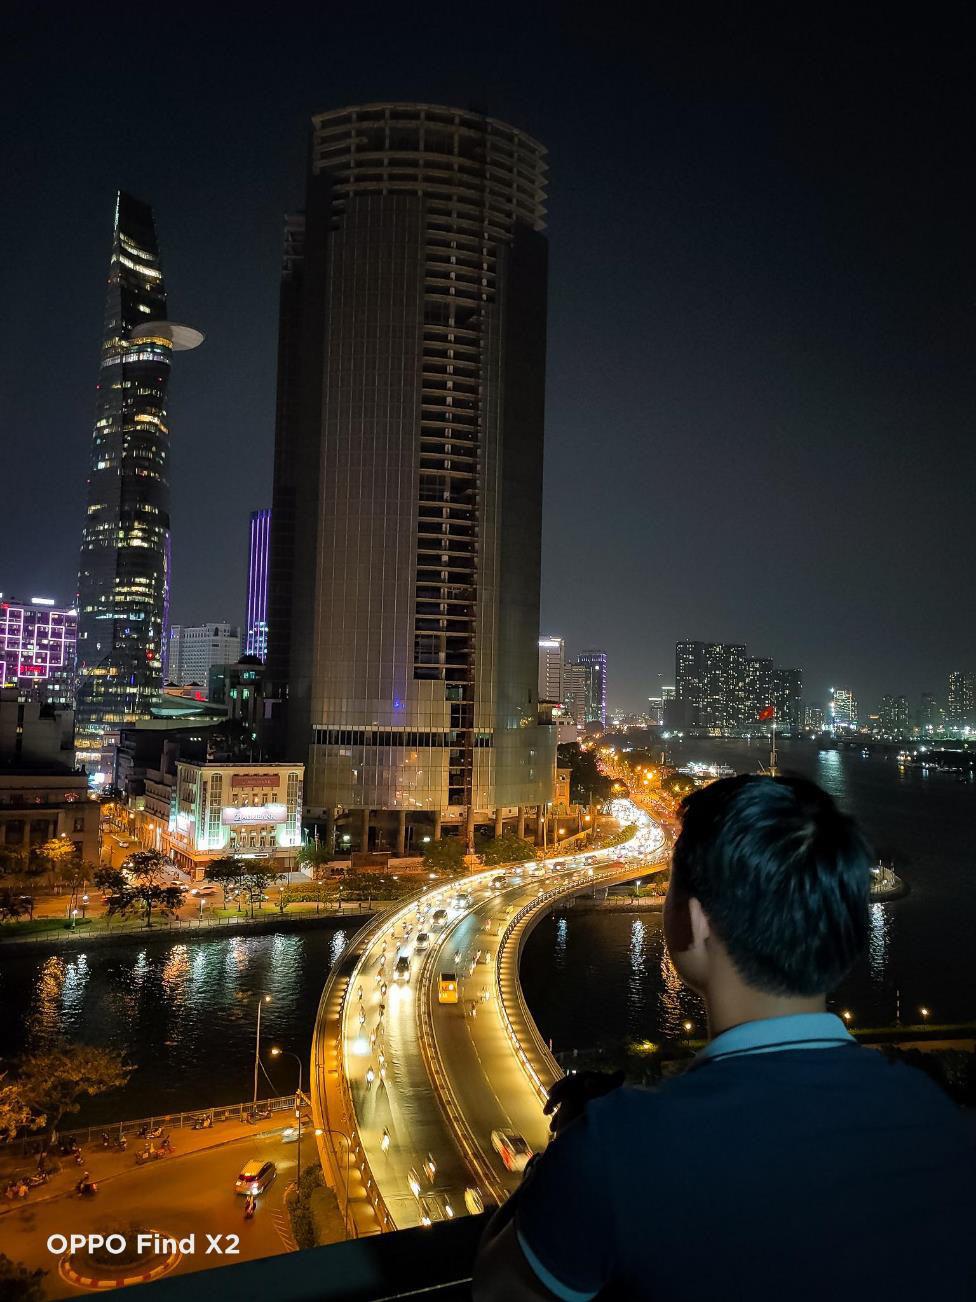 Lên nóc nhà ngắm Sài Gòn đẹp tĩnh lặng lúc về đêm - Ảnh 5.